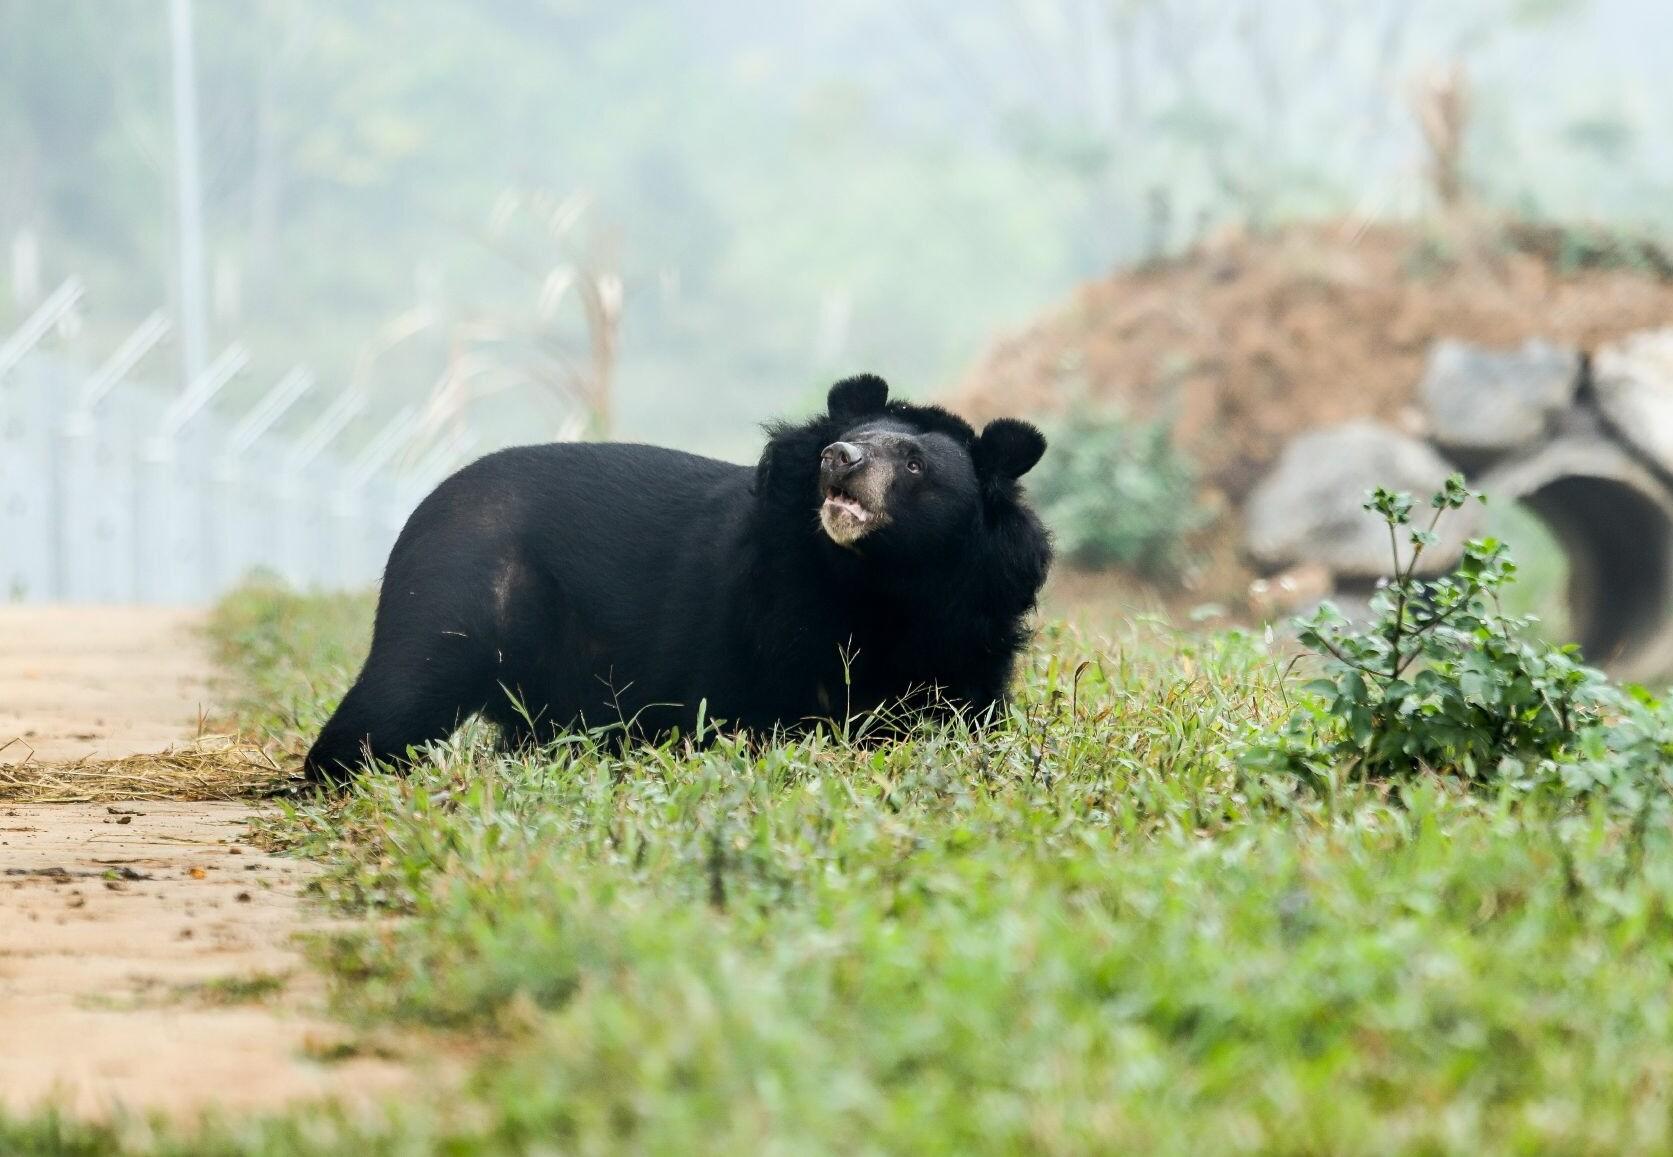 Bear Nhi Nho at BEAR SANCTUARY Ninh Binh